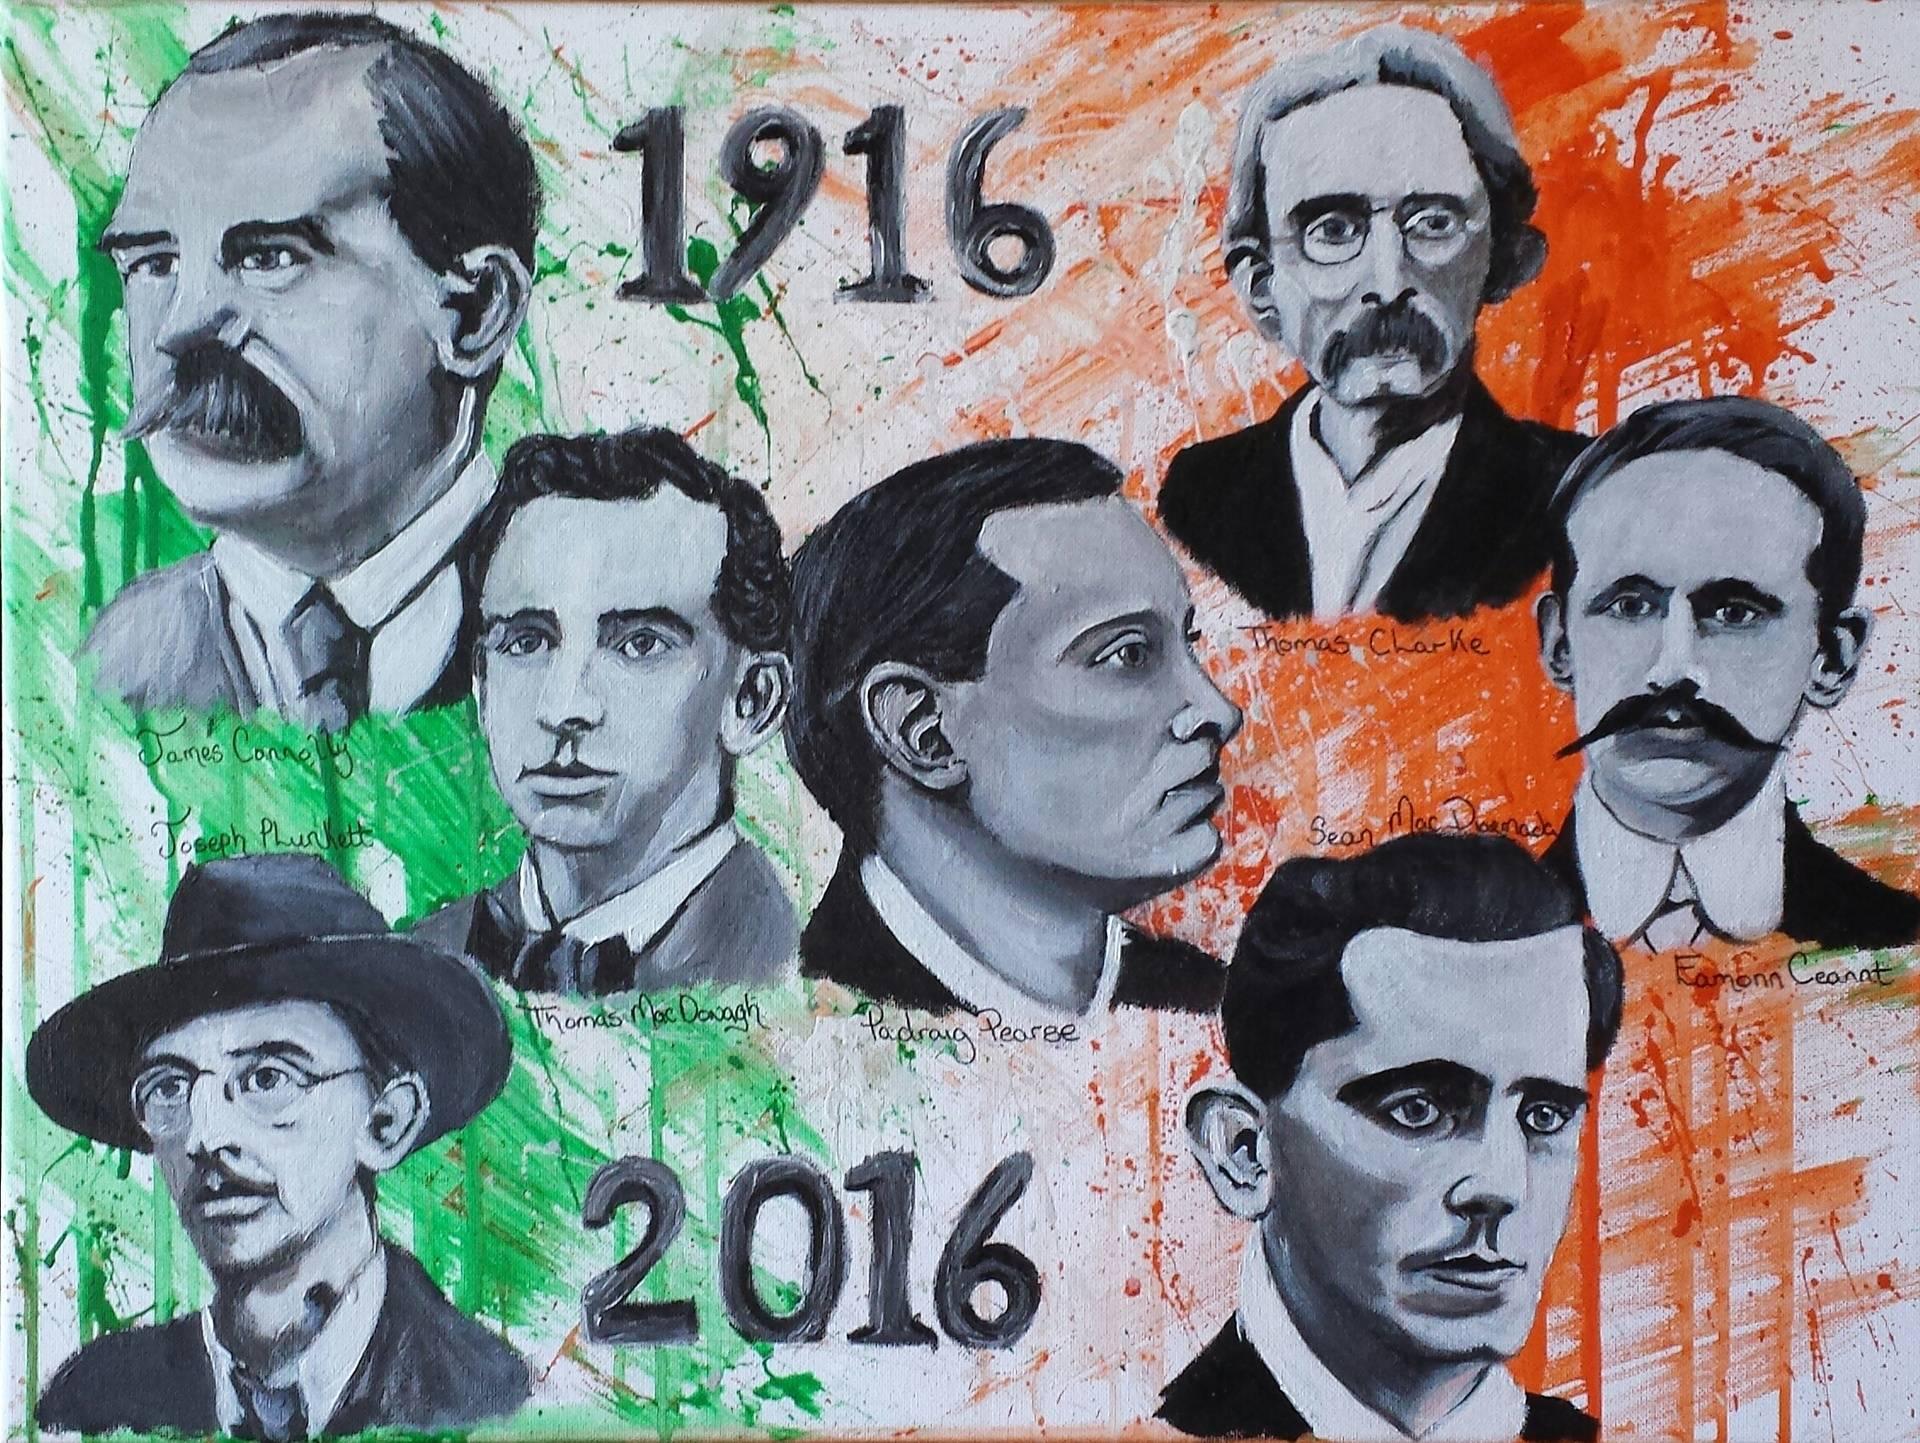 1916 Group Portrait